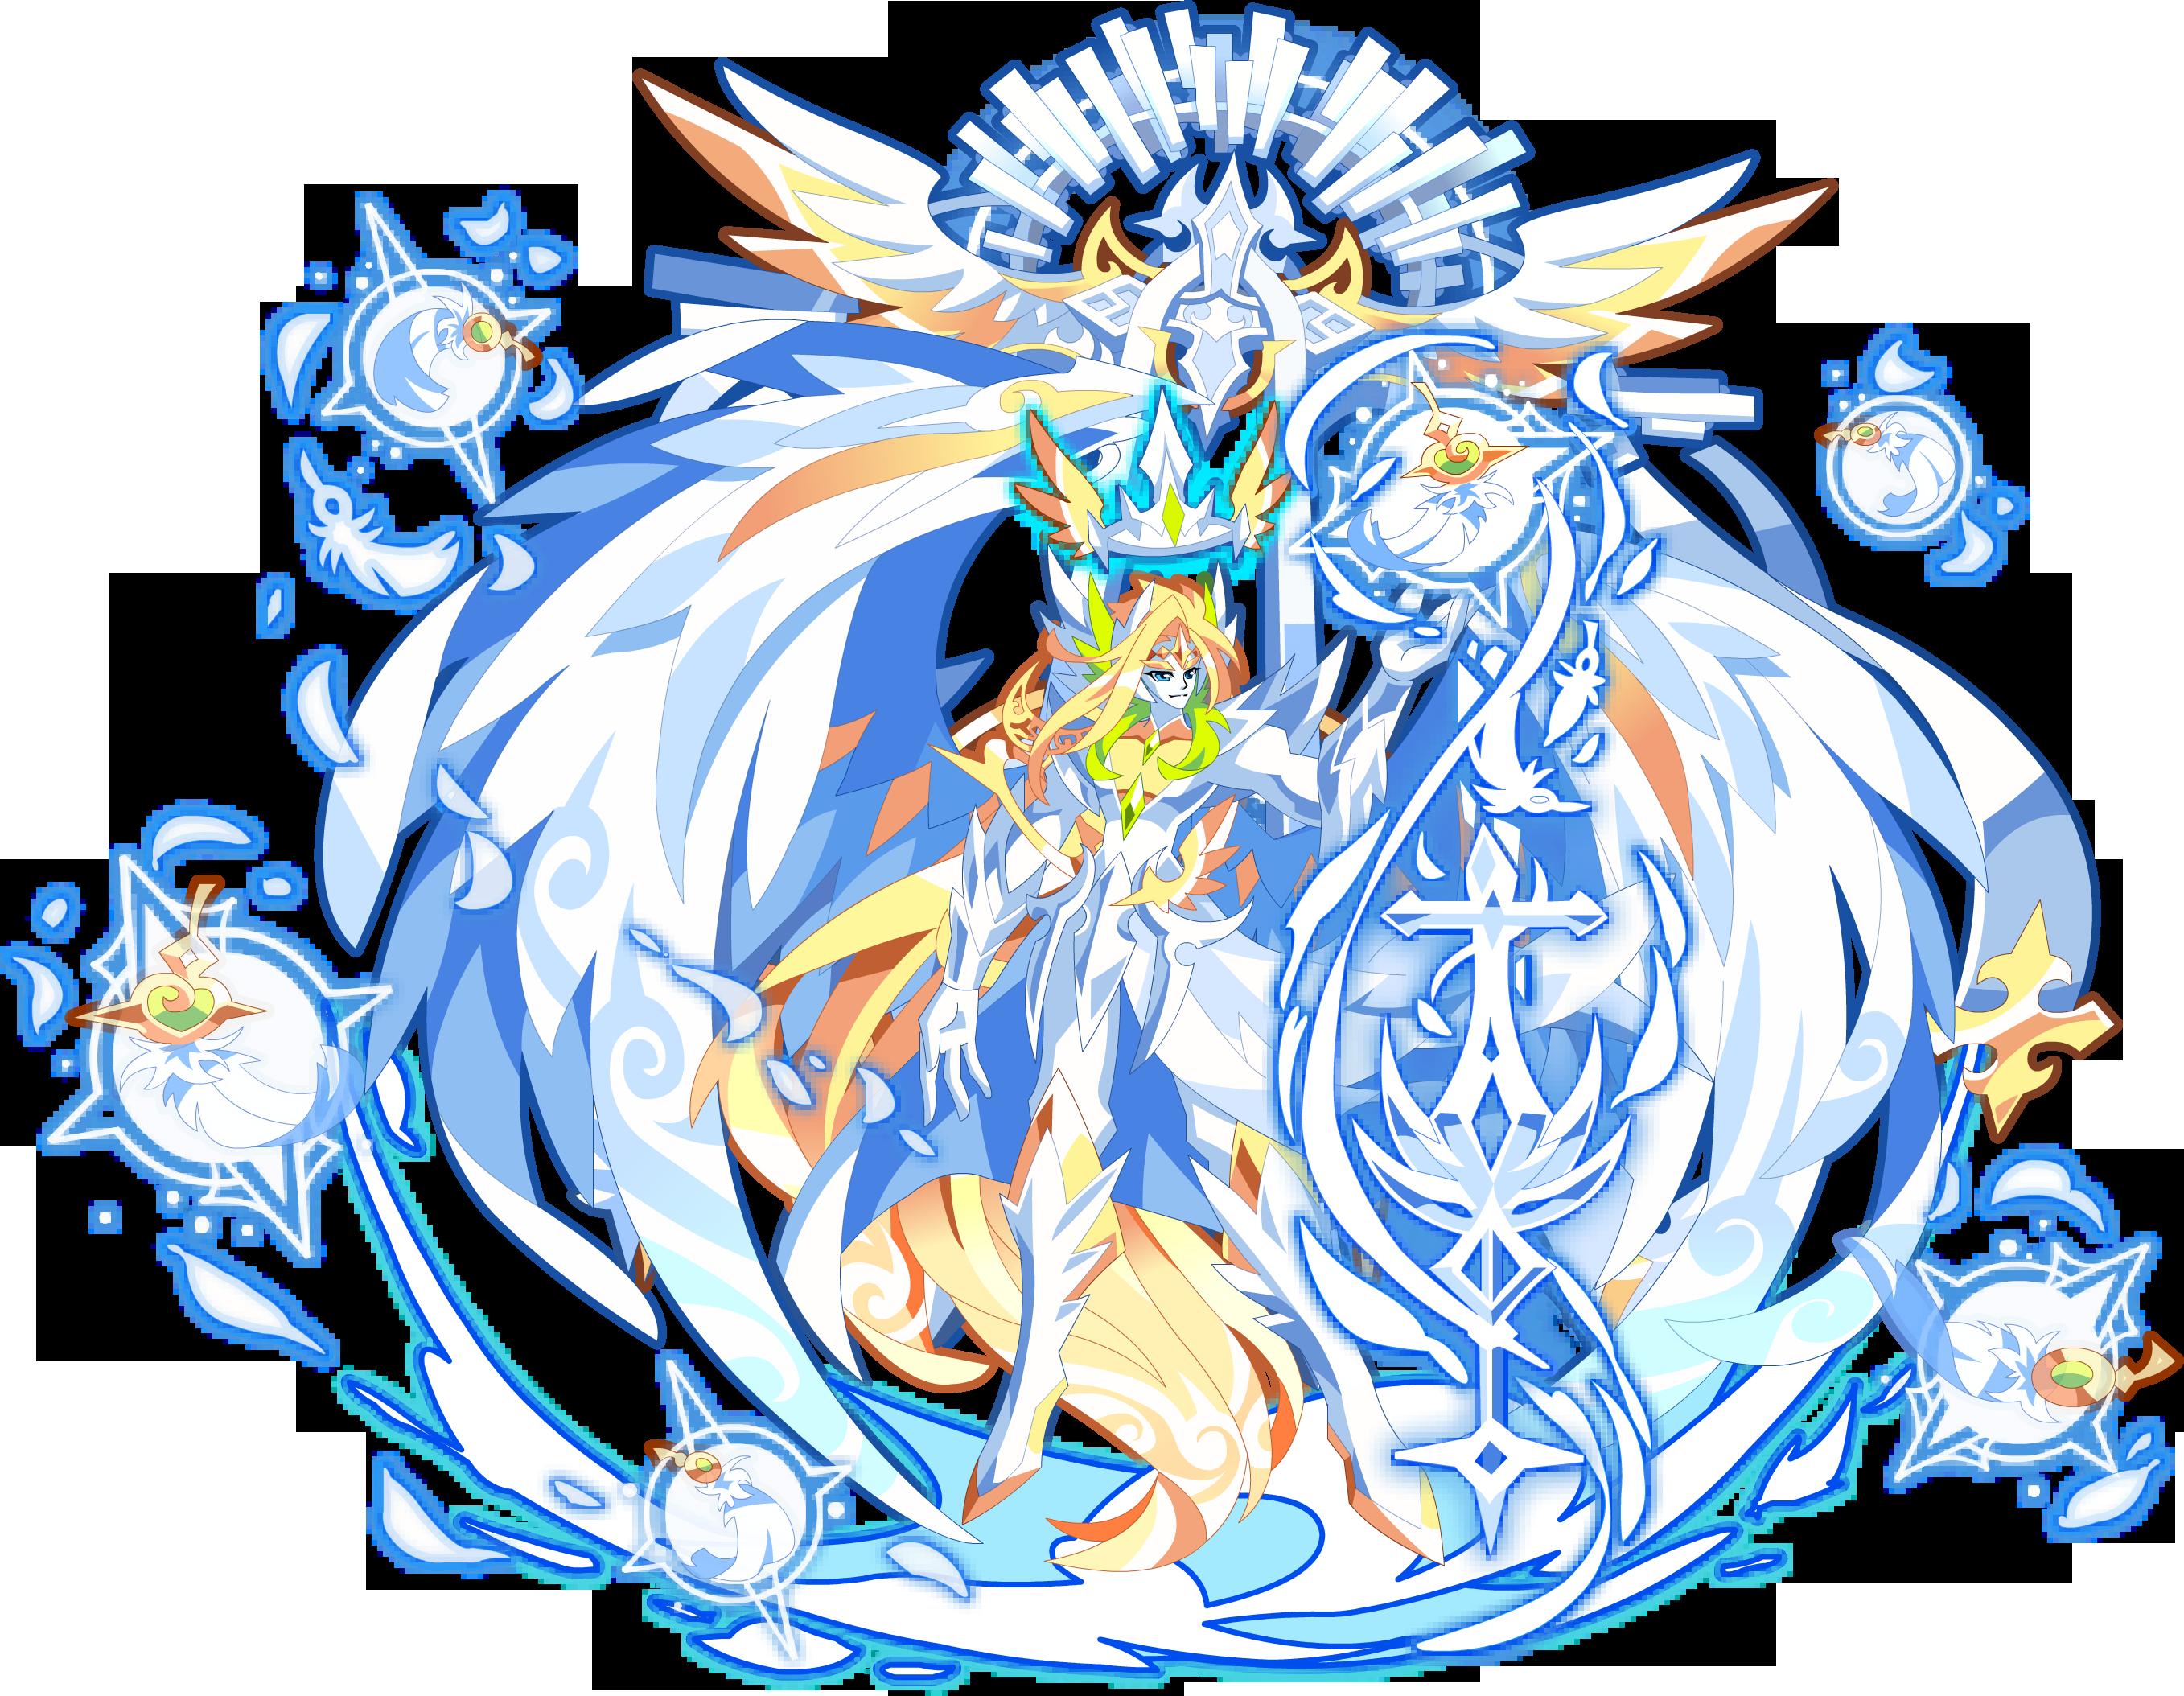 【柒梦之域丨梦宇】传奇天使王贫民攻略